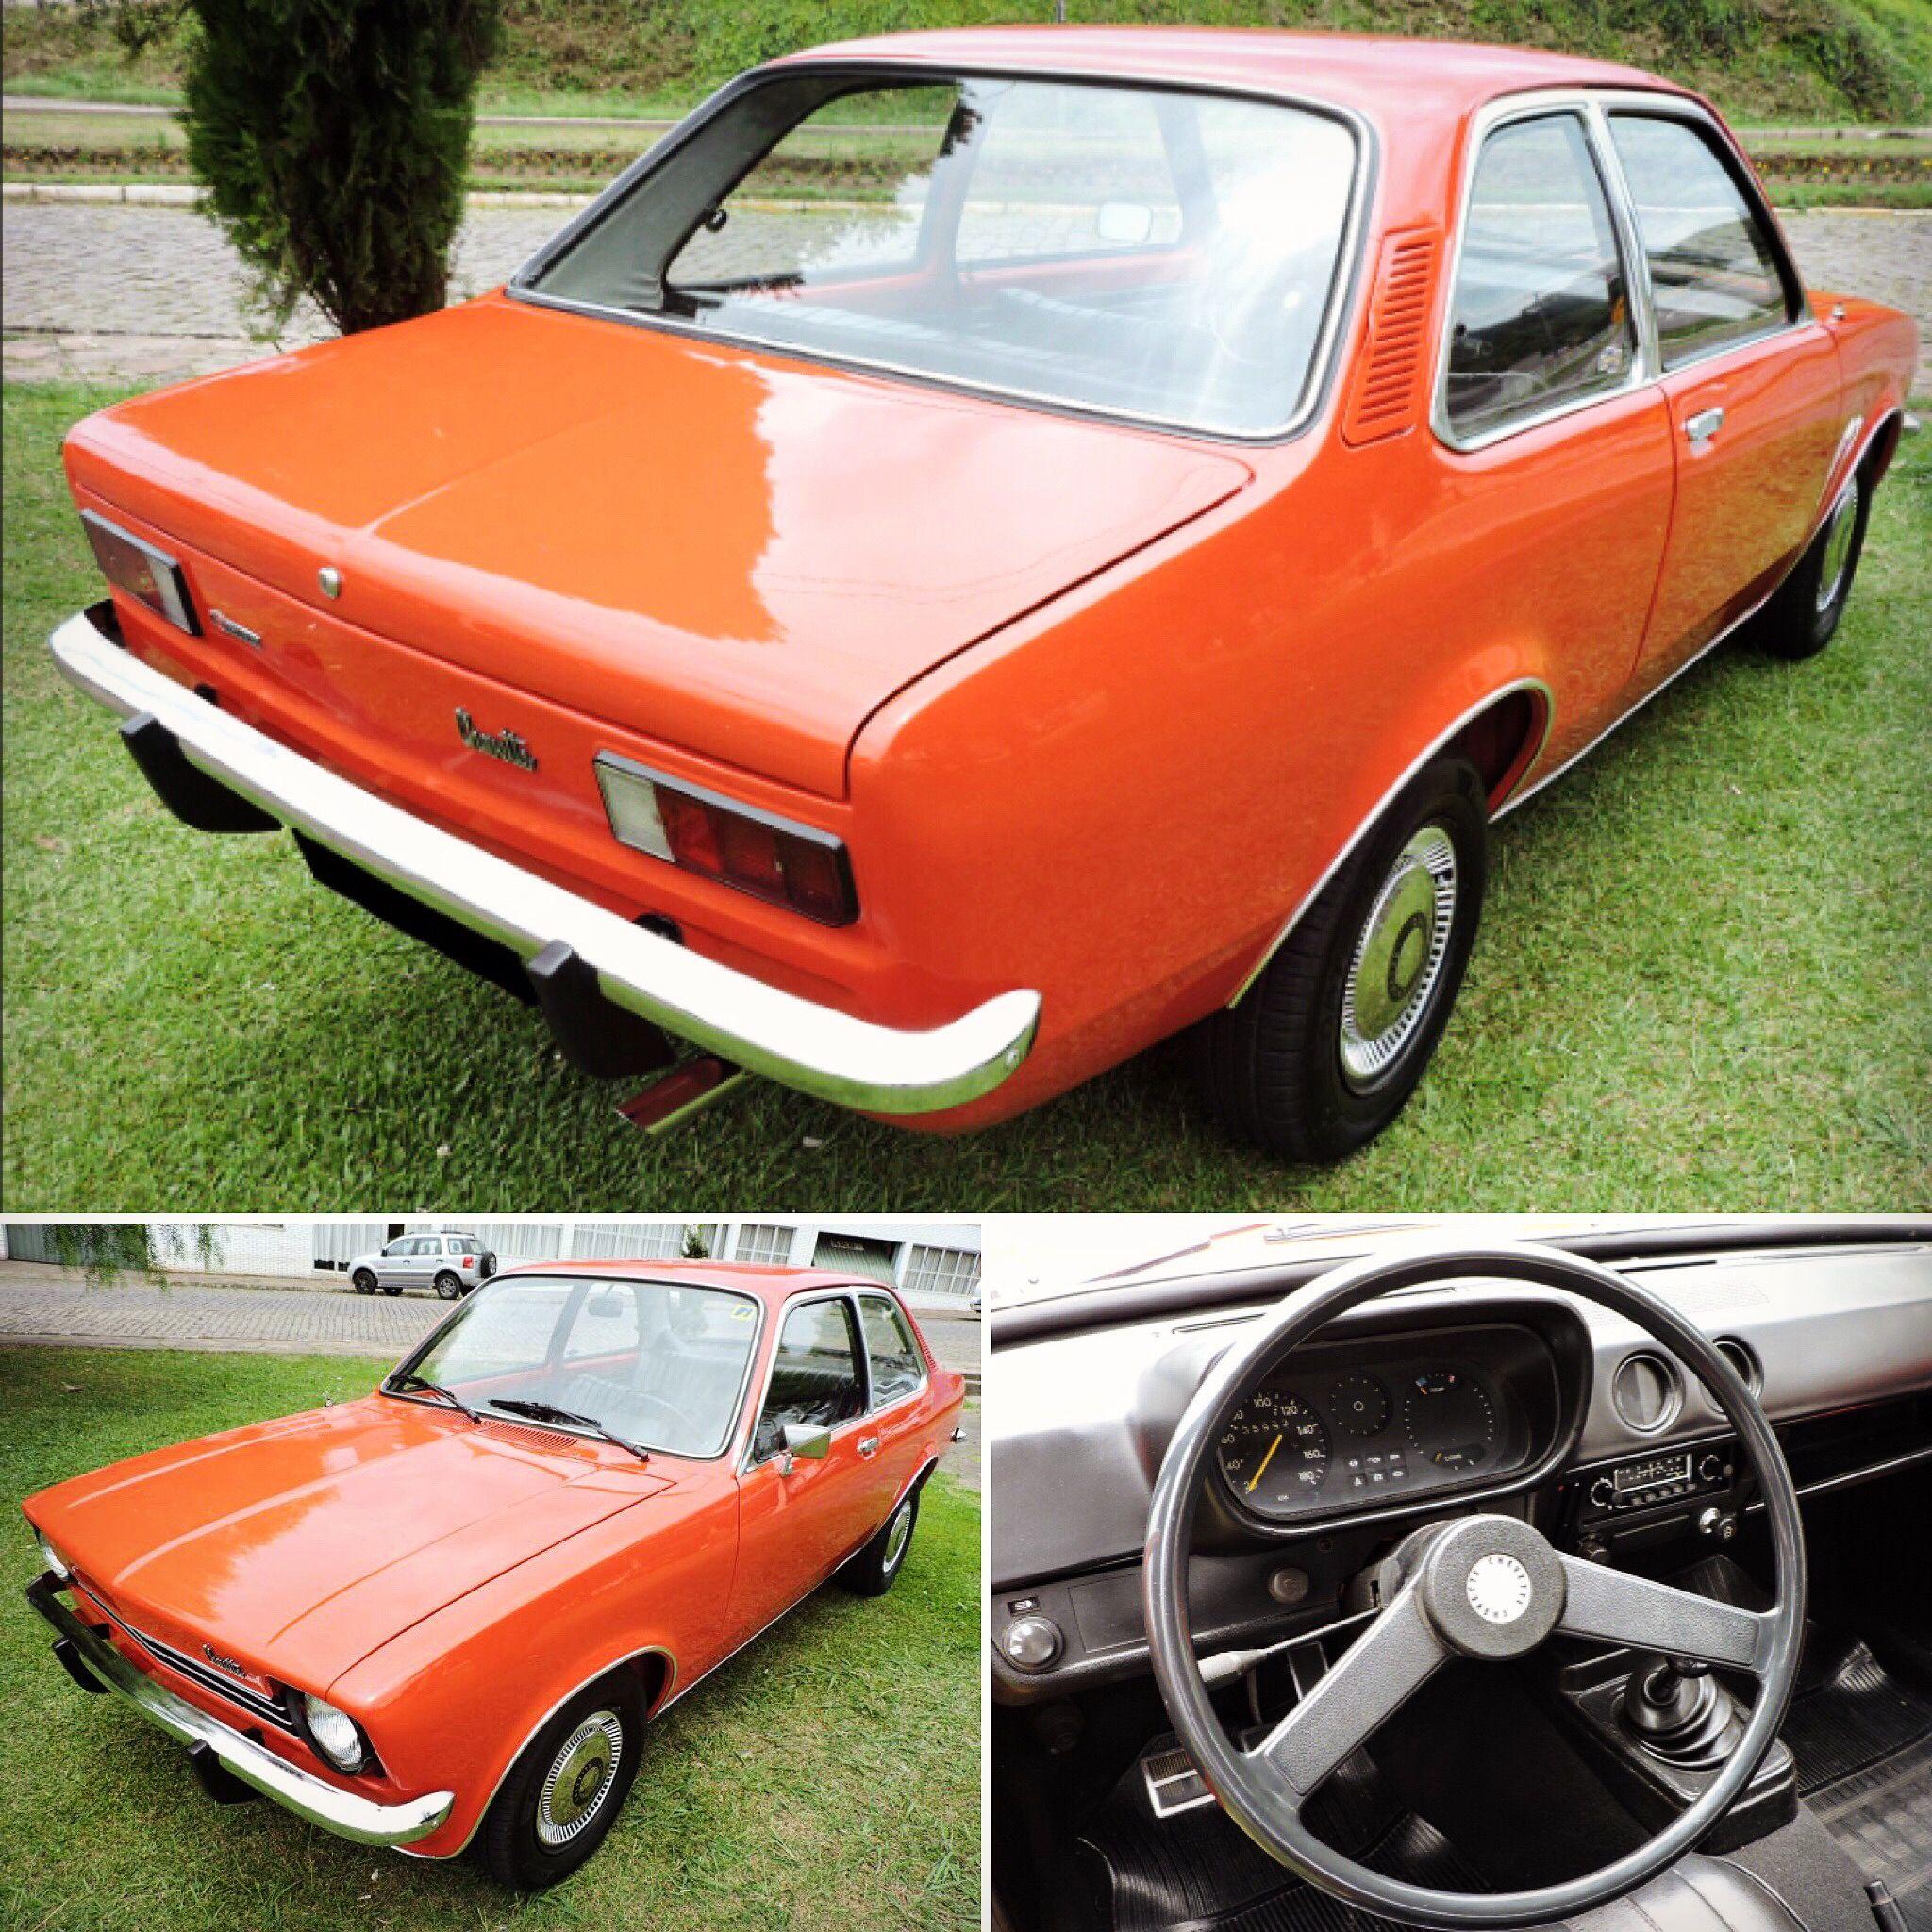 Chevrolet Chevette 1 4 1976 Vermelho Cereja Chevette Chevette Tubarao Chevete